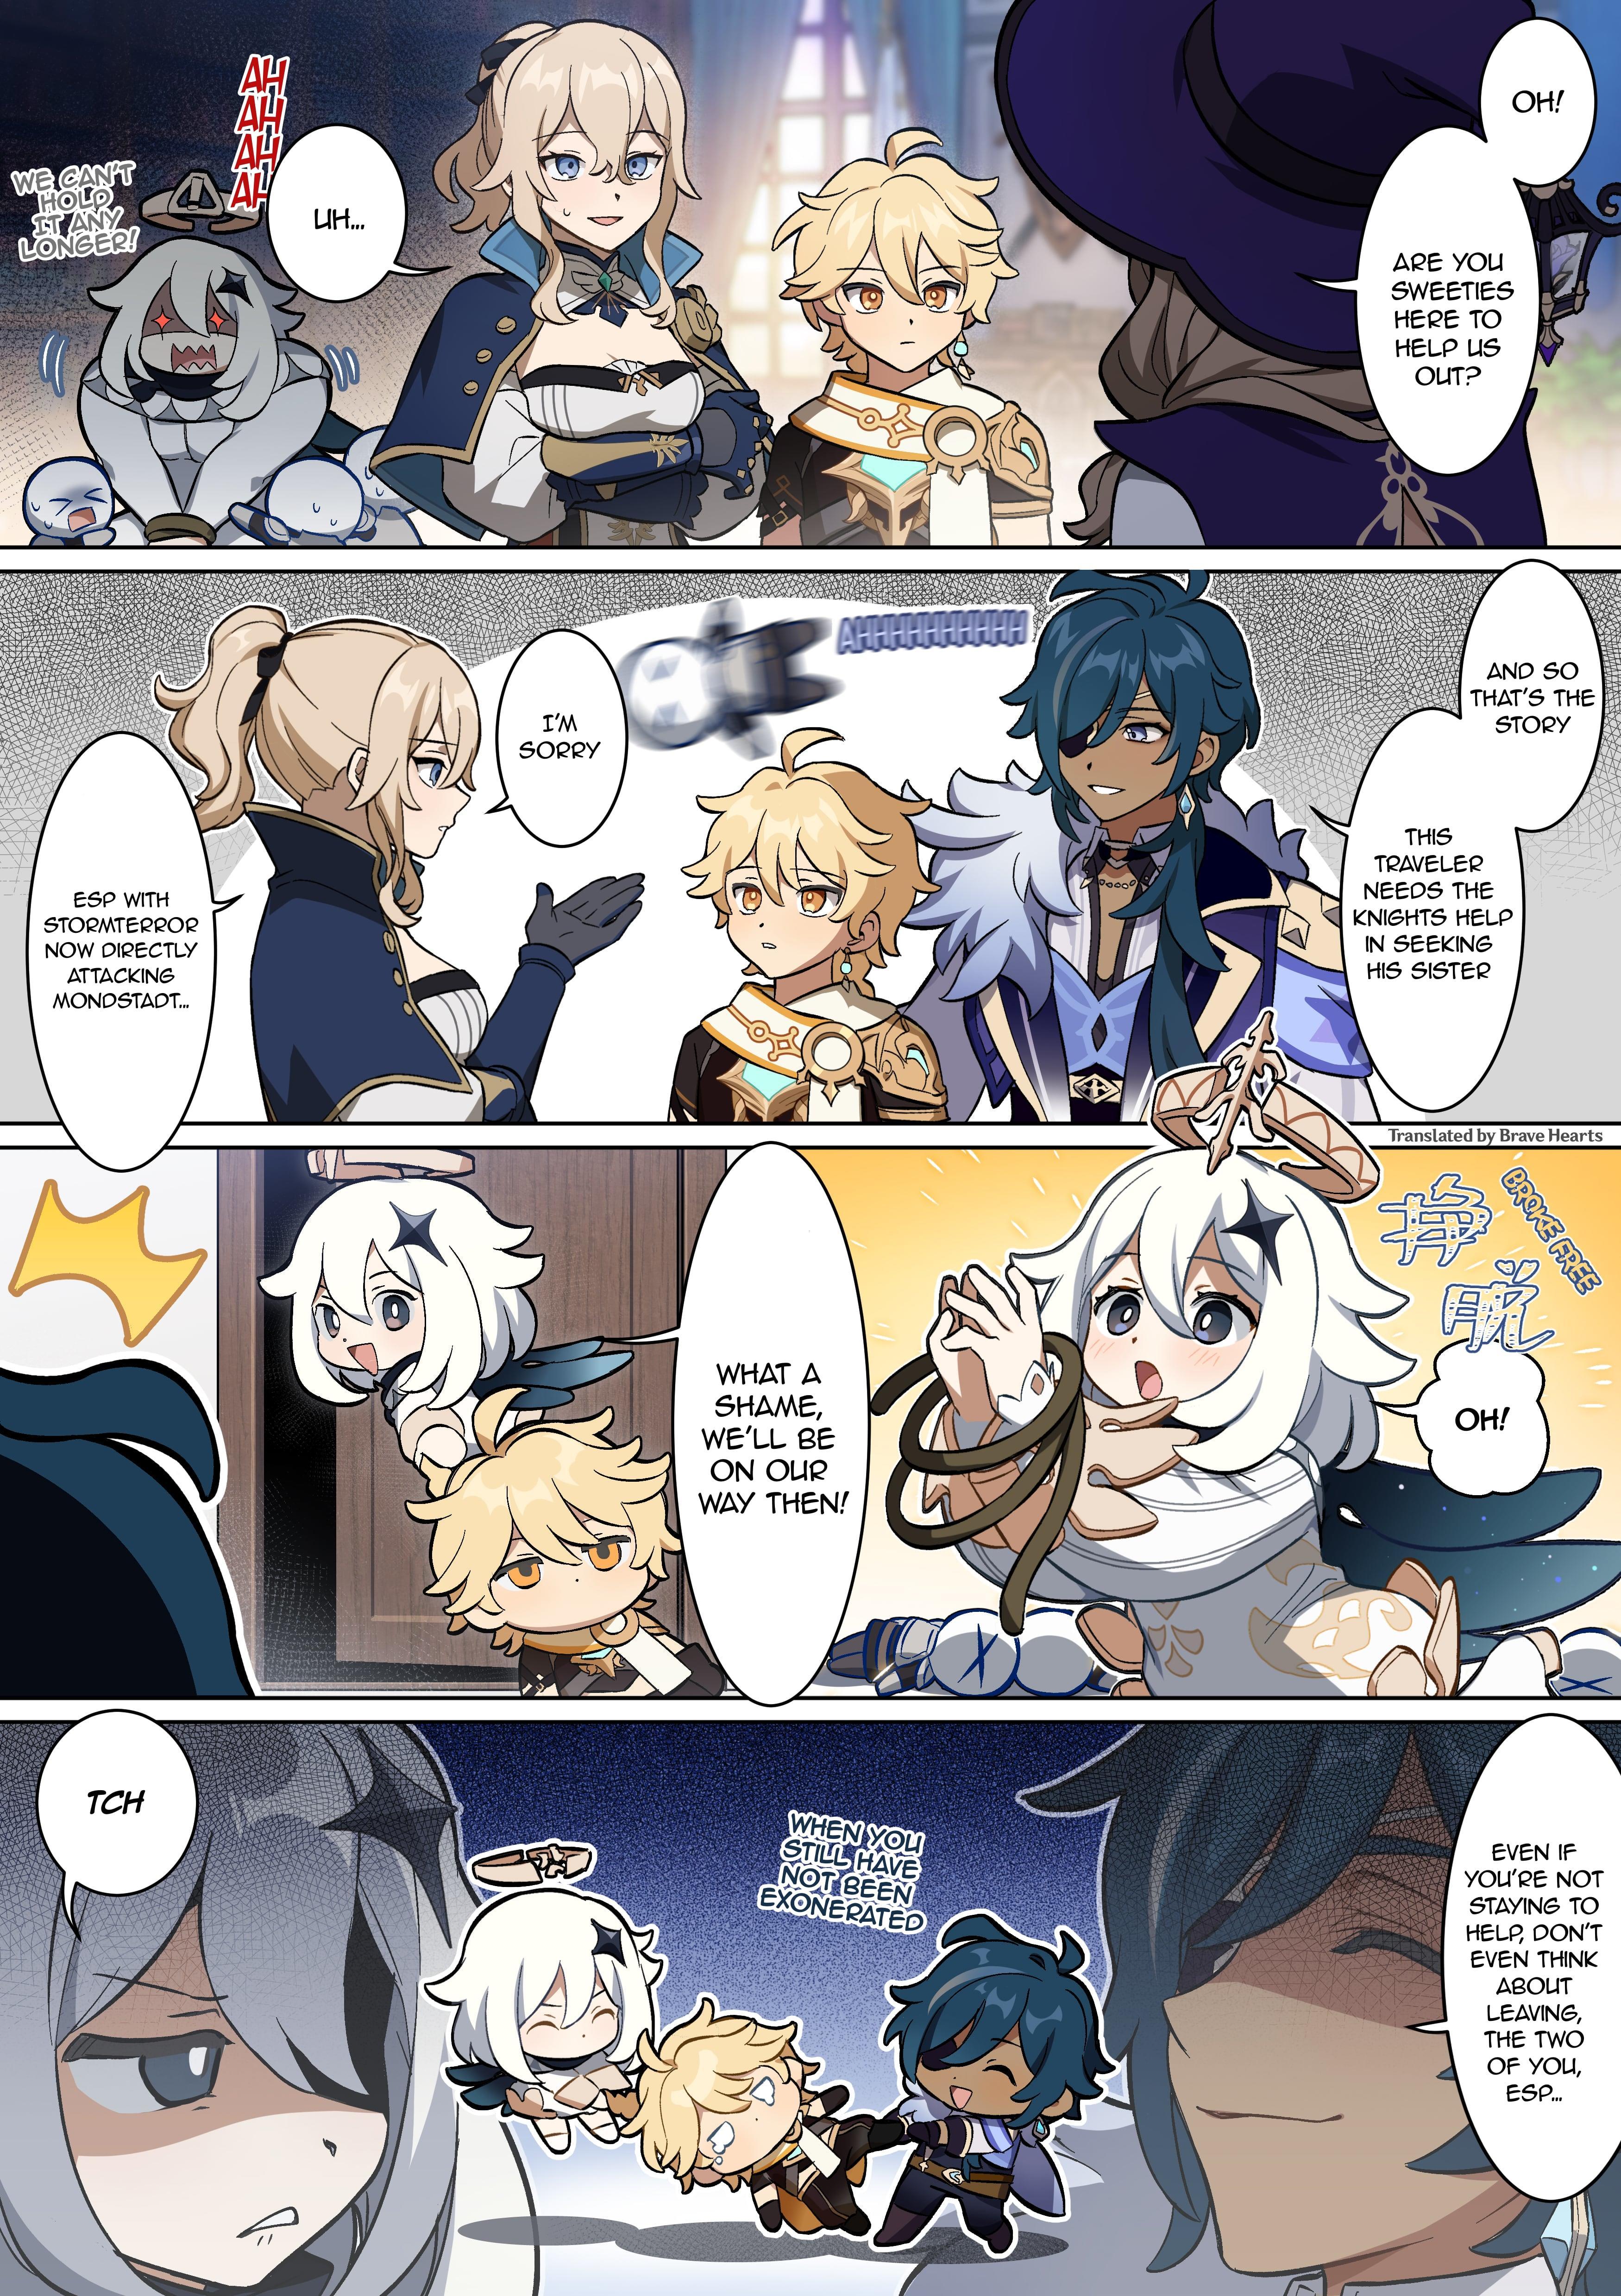 Genshin Impact 4-Koma Chapter 11: Knights Of Favonius page 1 - Mangakakalots.com